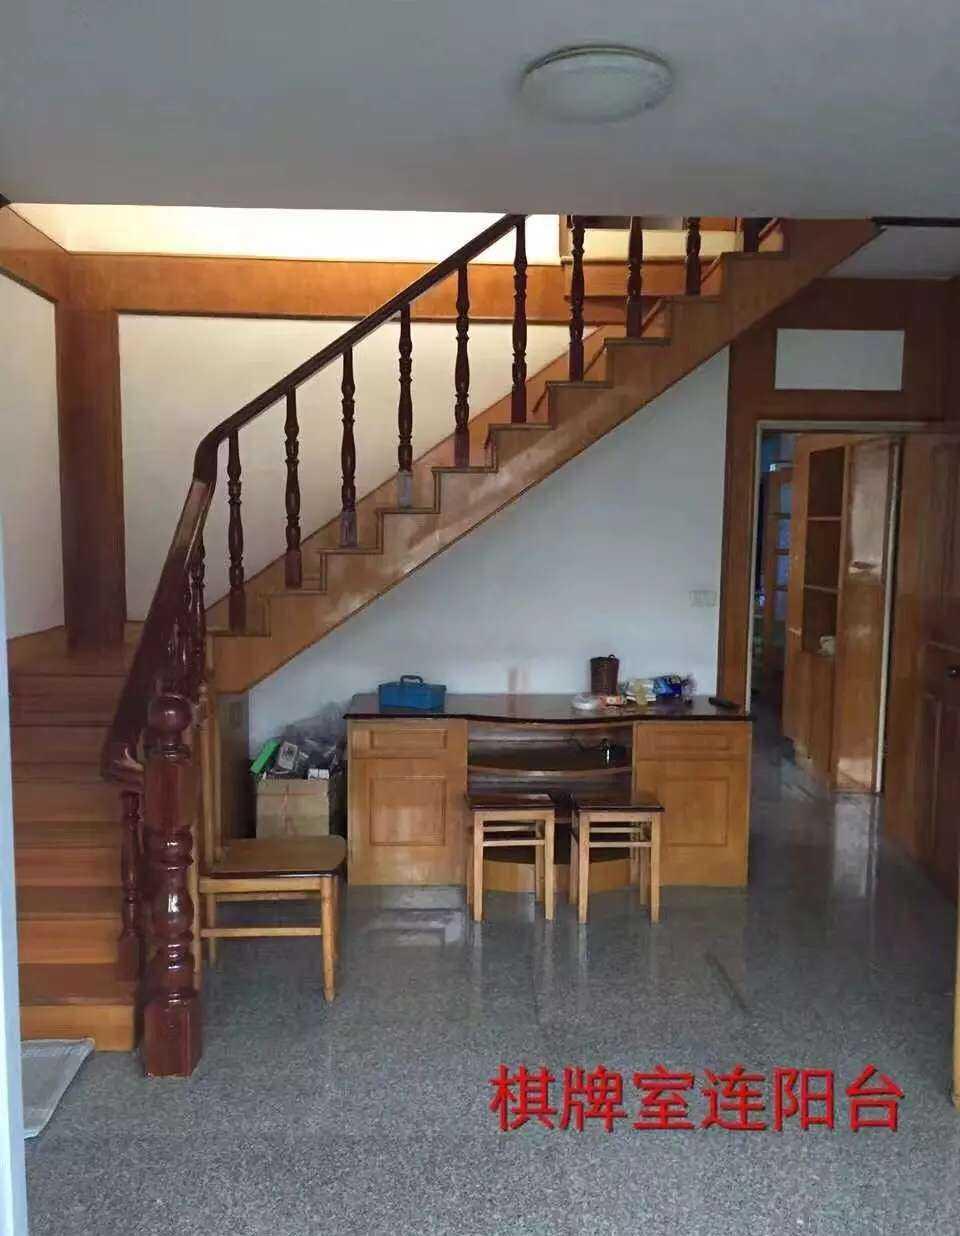 06182出租官河里6+7复式精装,五房两厅一车棚一大平台,六楼带阁楼的实拍照片